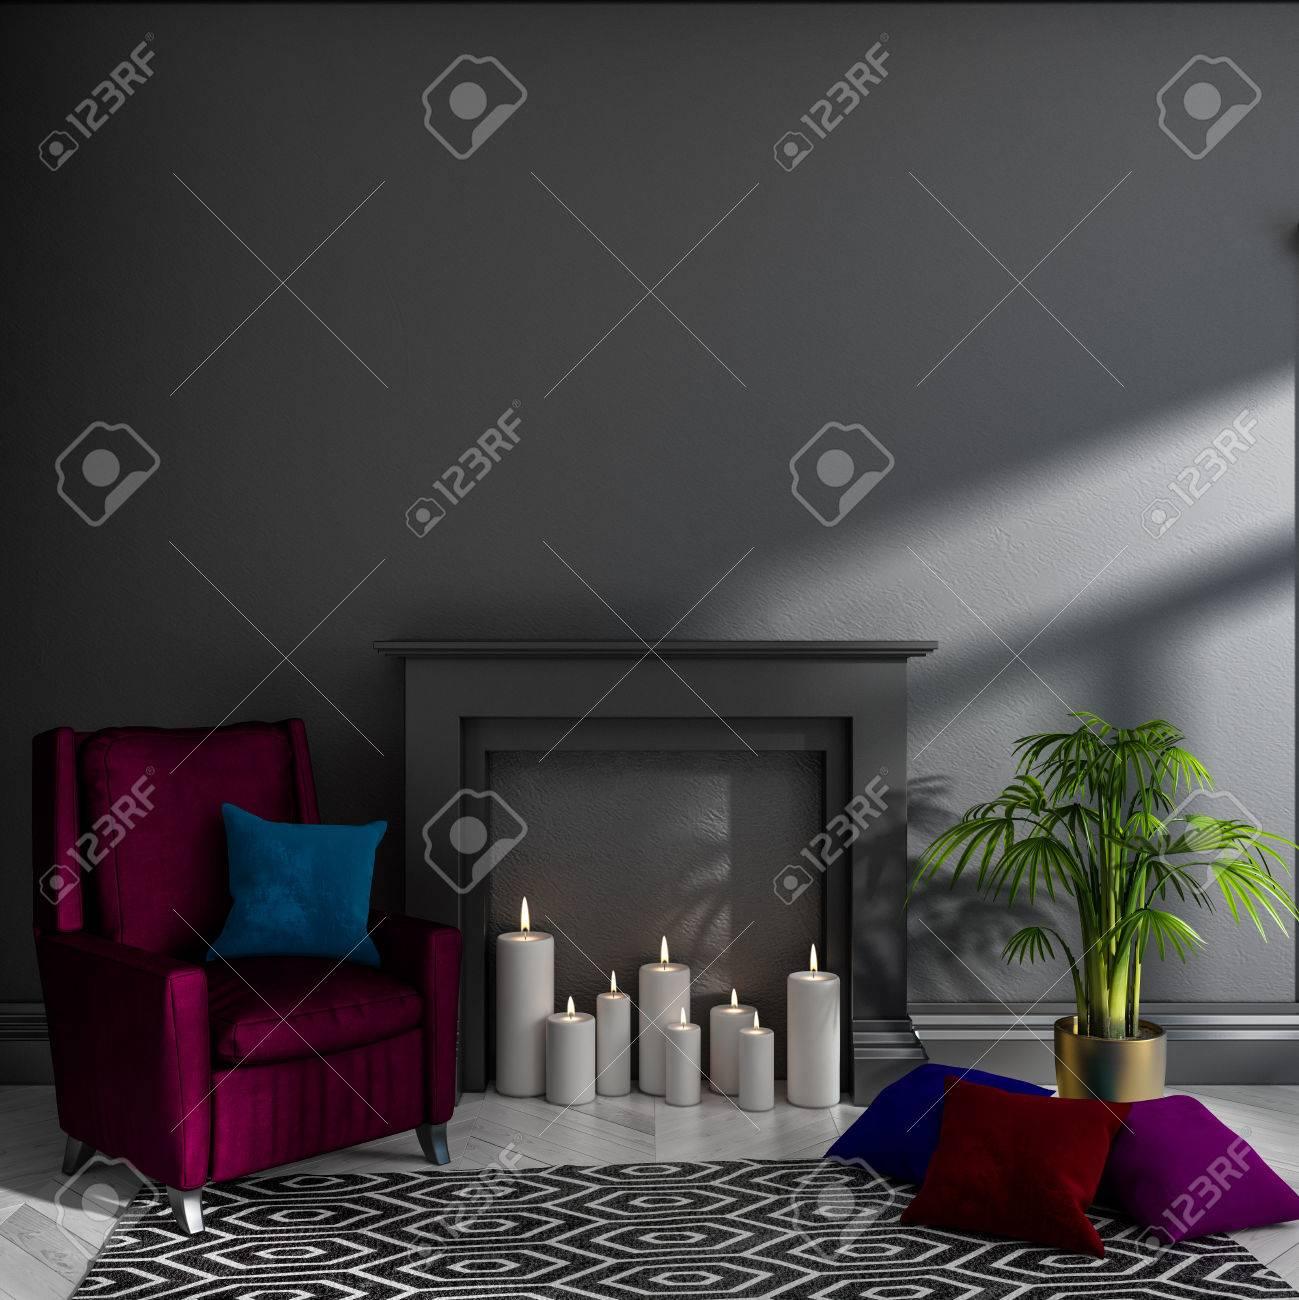 vide chambre sombre avec mur noir, cheminée, bougies, fauteuil